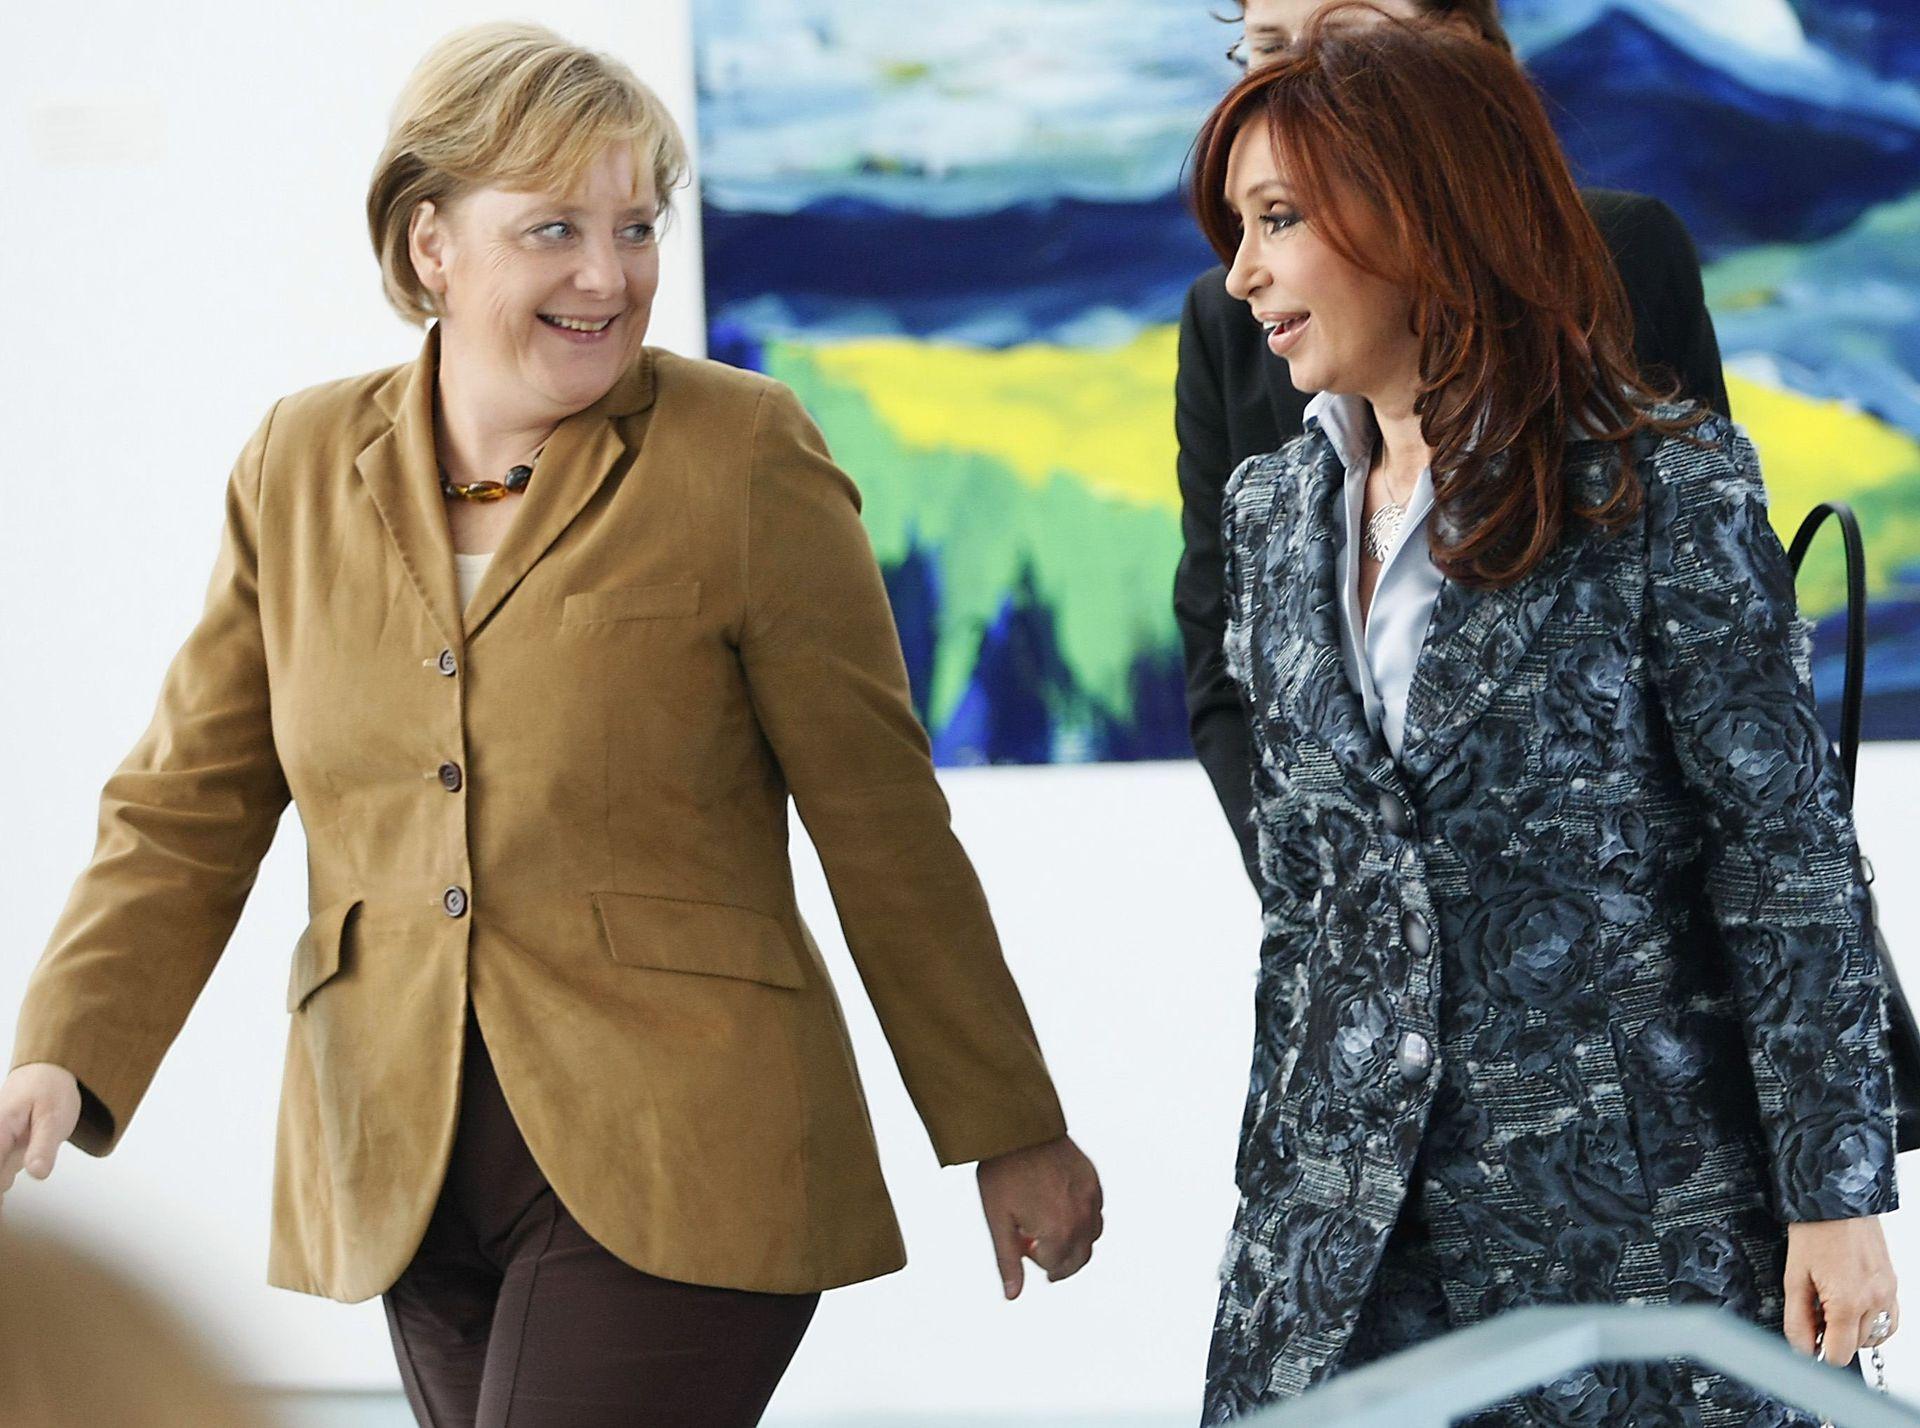 Angela Merkel se reunió con Cristina Kirchner cuando estaba en campaña para la elección presencial en la Cancillería en Berlín el 11 de septiembre de 2007